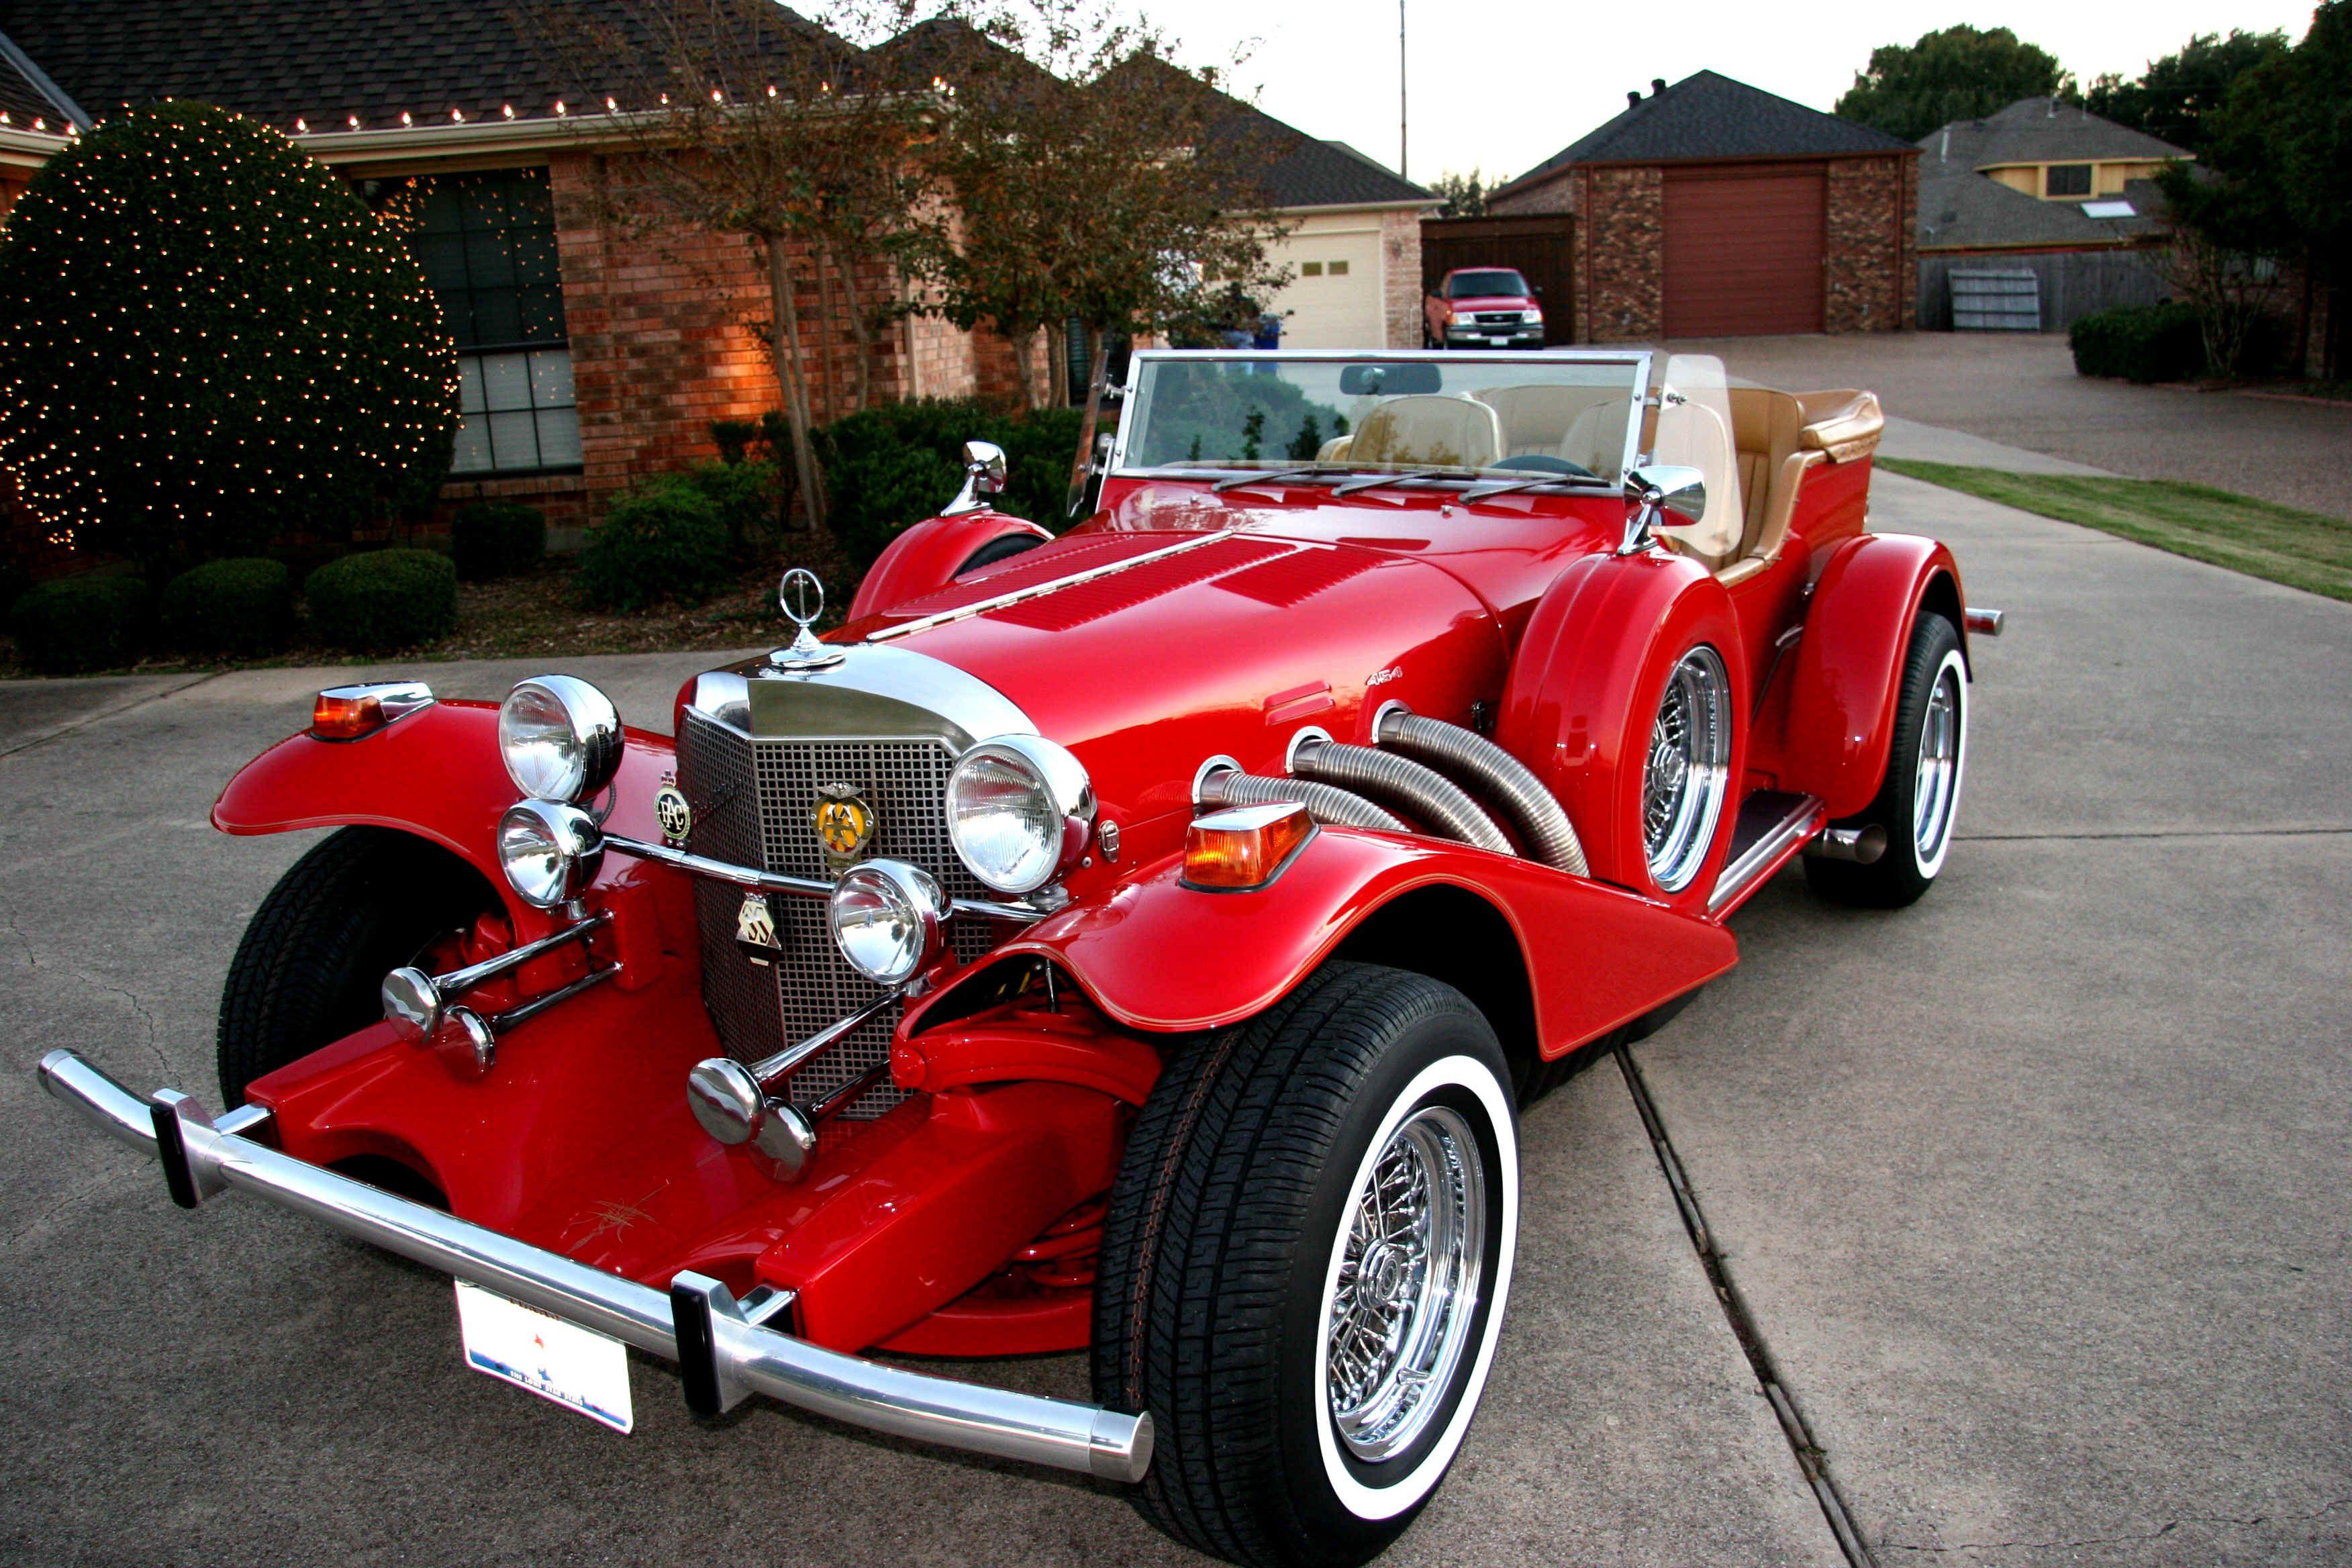 Excalibur Phaeton Classic Cars Antique Cars Cars